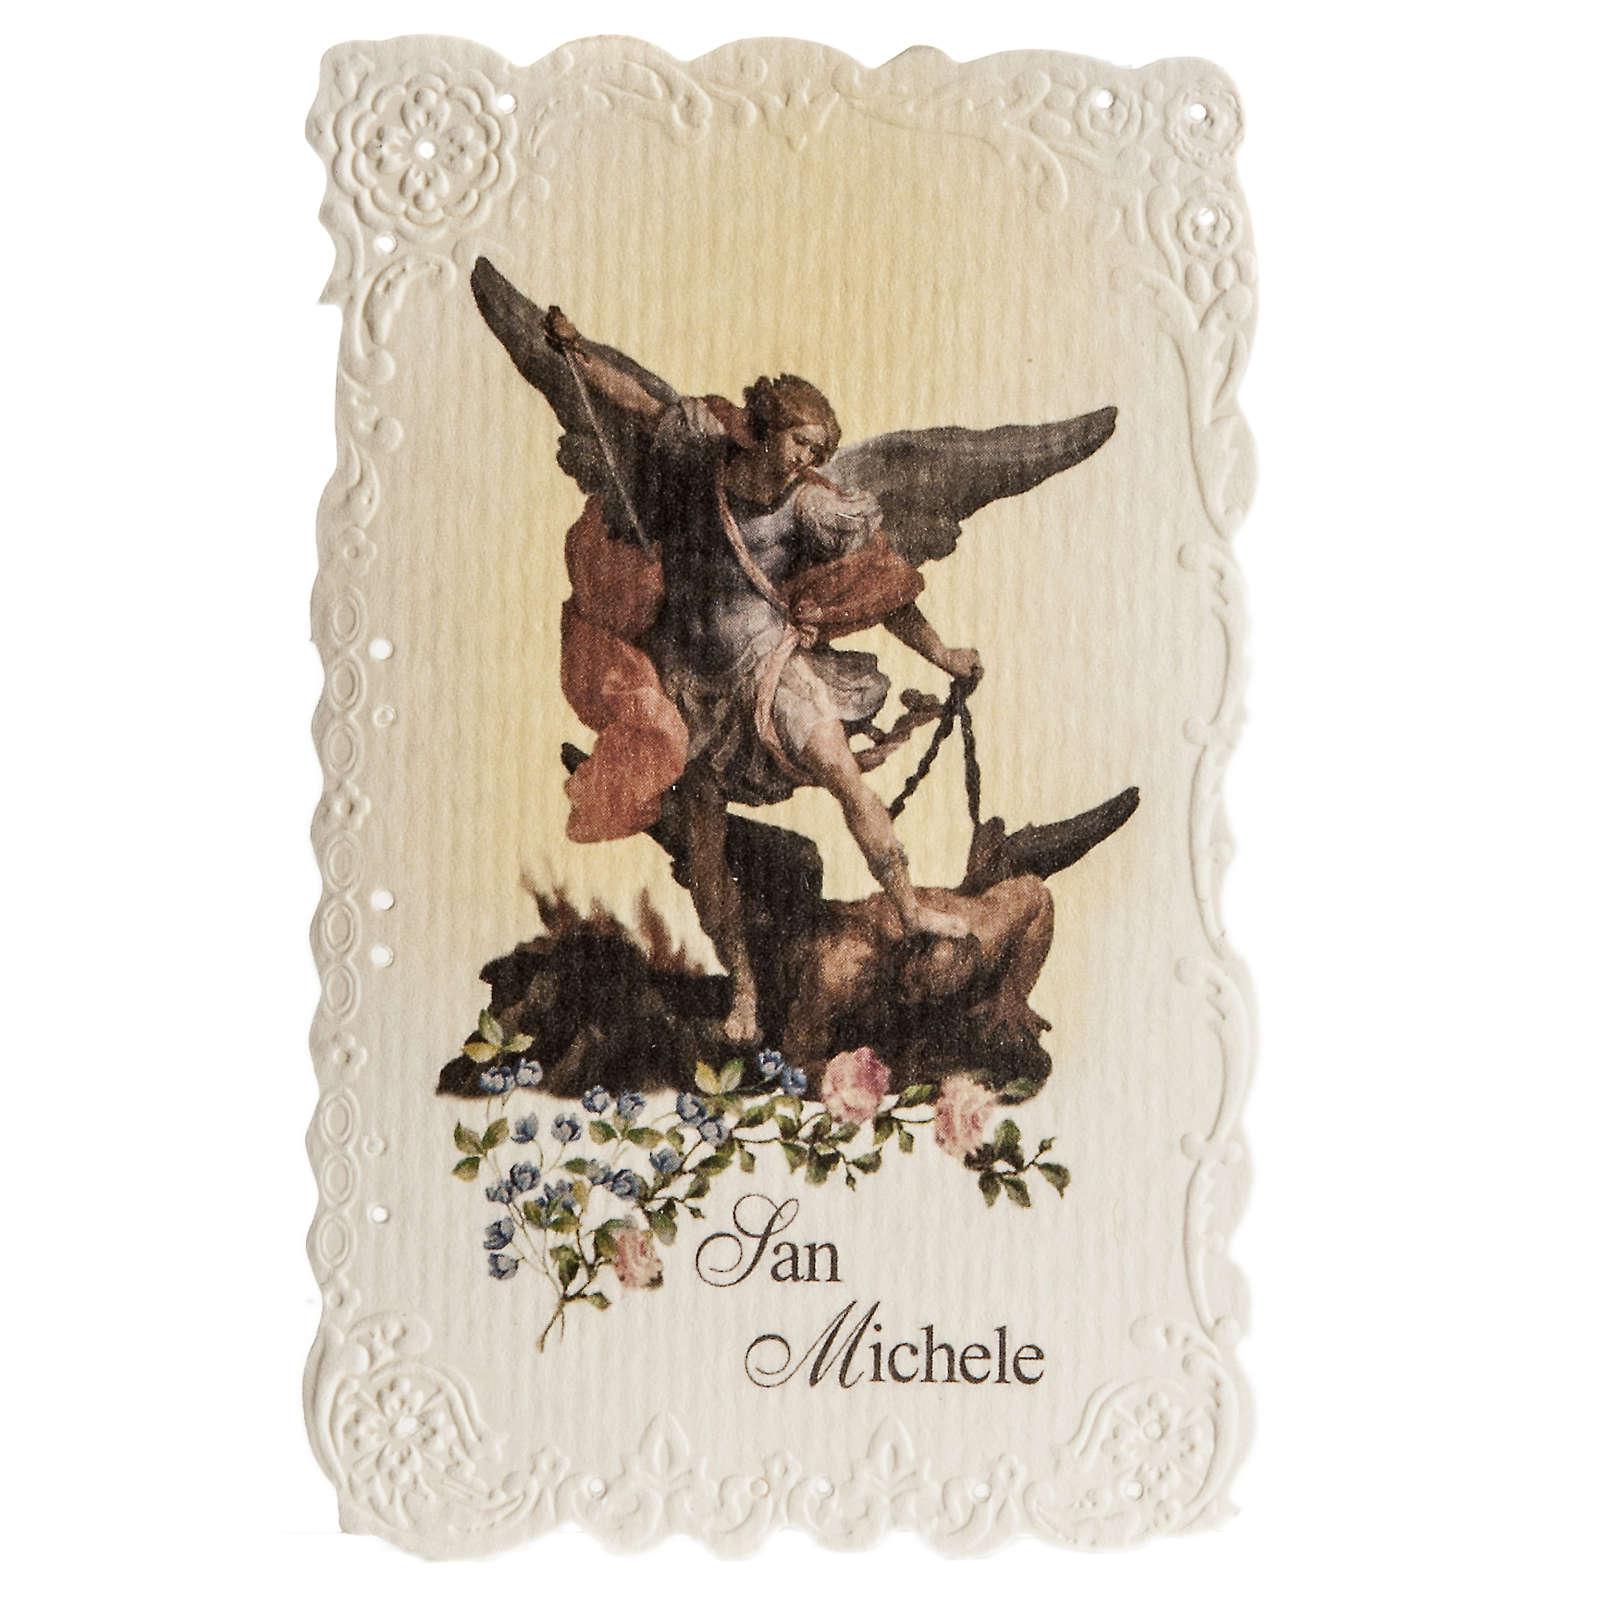 Image pieuse Saint Michel Archange avec prière 4